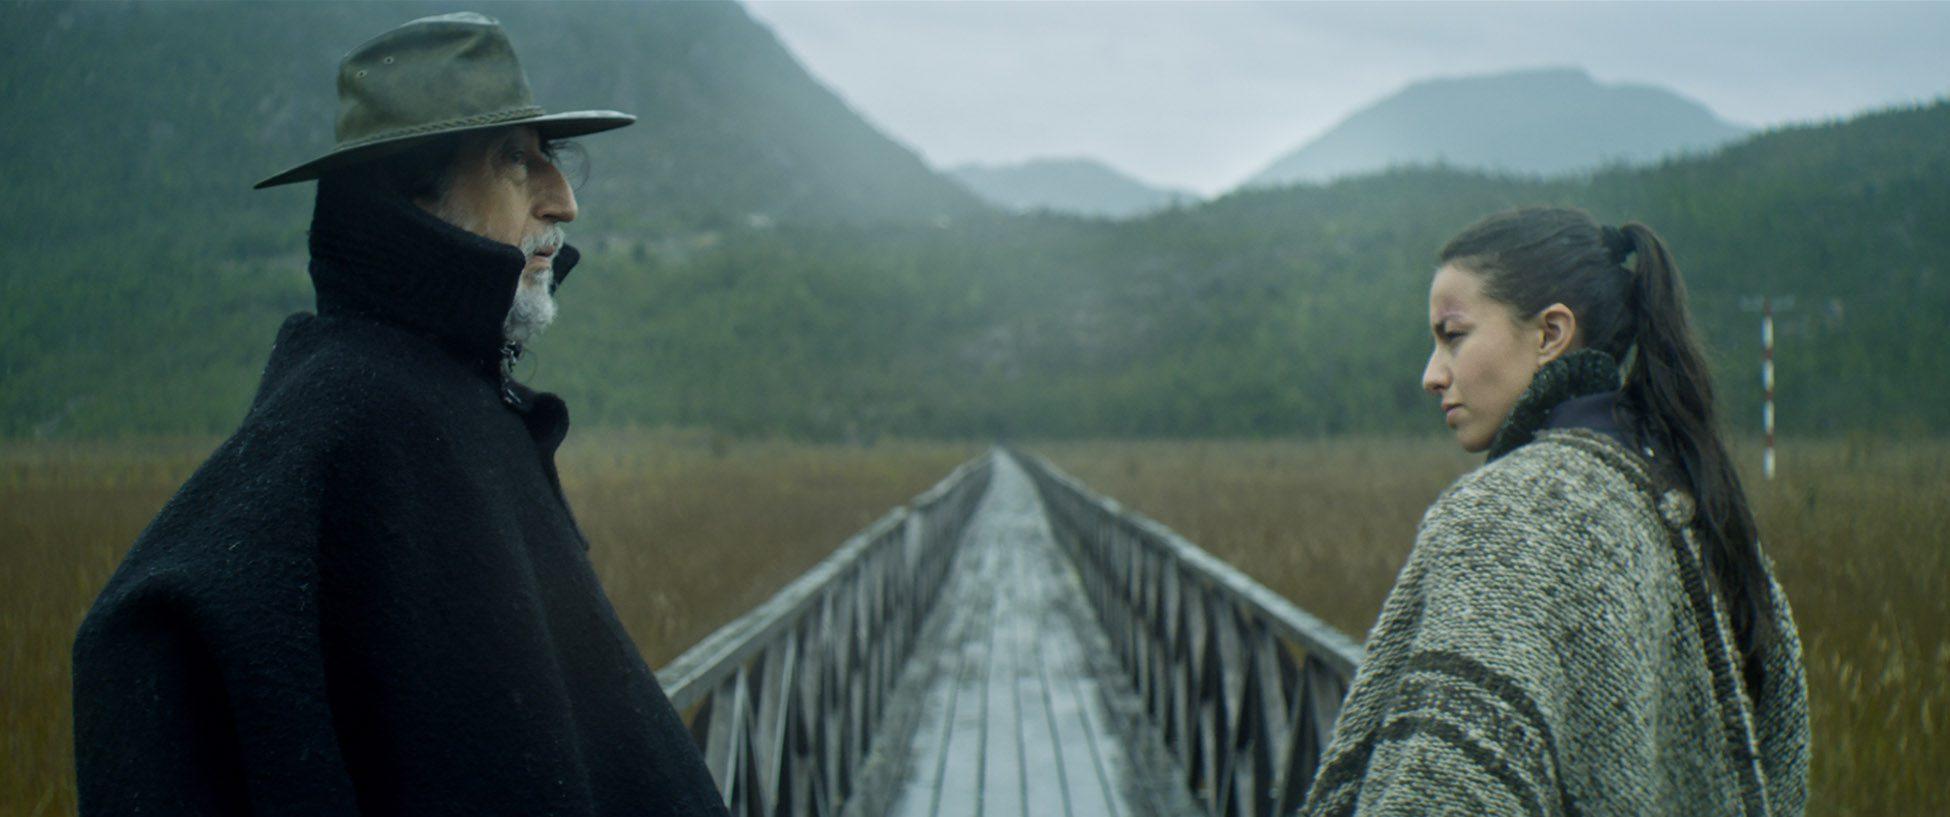 «El Hombre del Futuro», película chilena en competencia oficial del Festival de Cine de Karlovy Vary